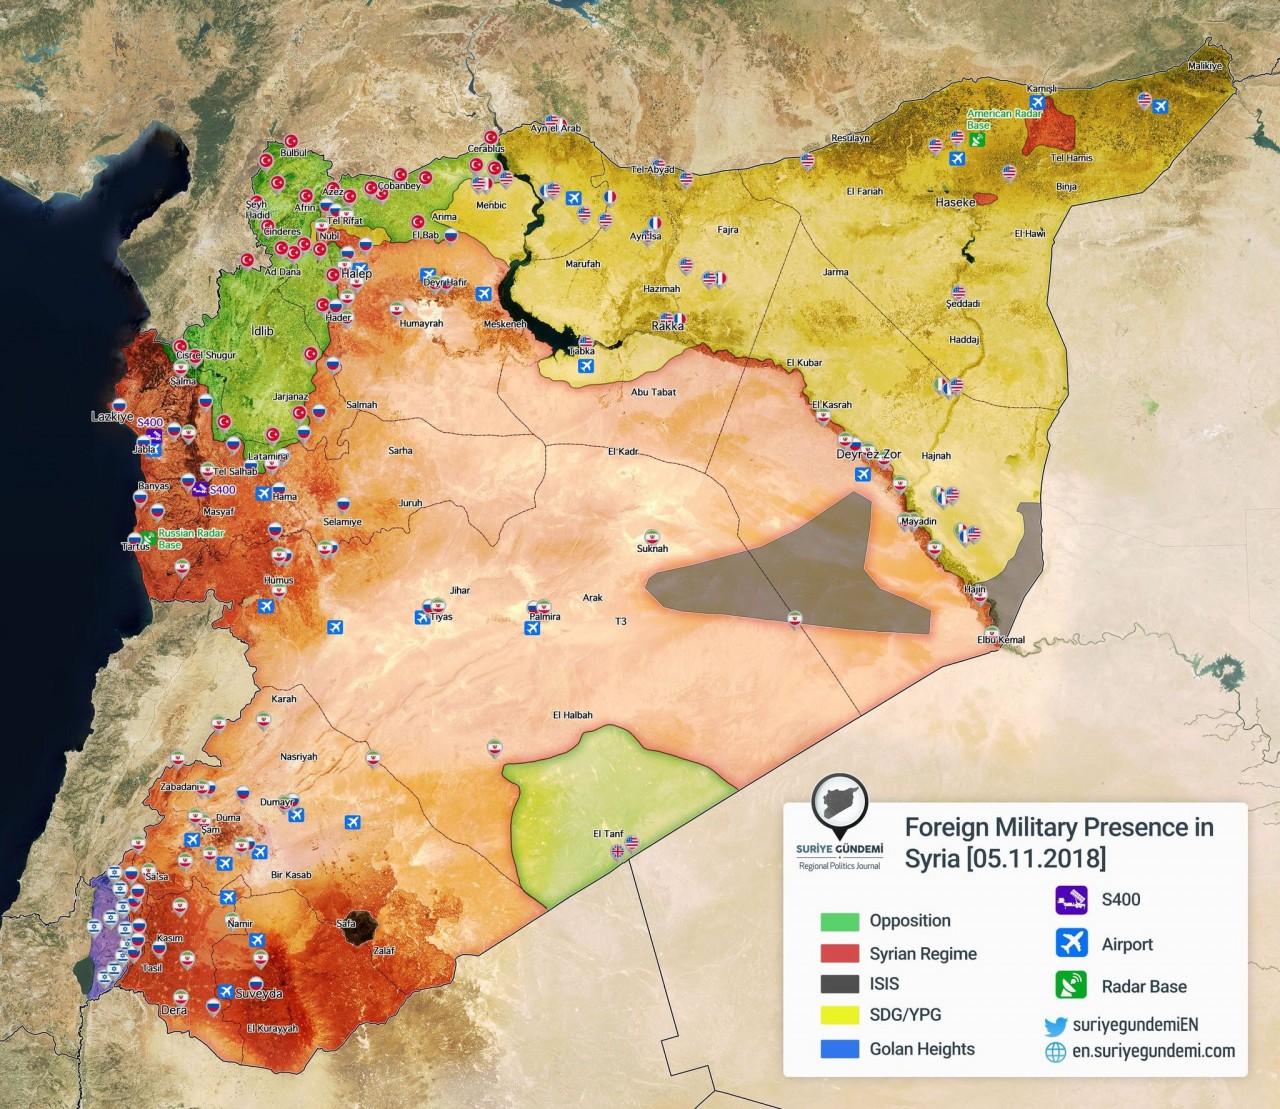 Иностранное военное присутствие в Сирии. 05.11.2018